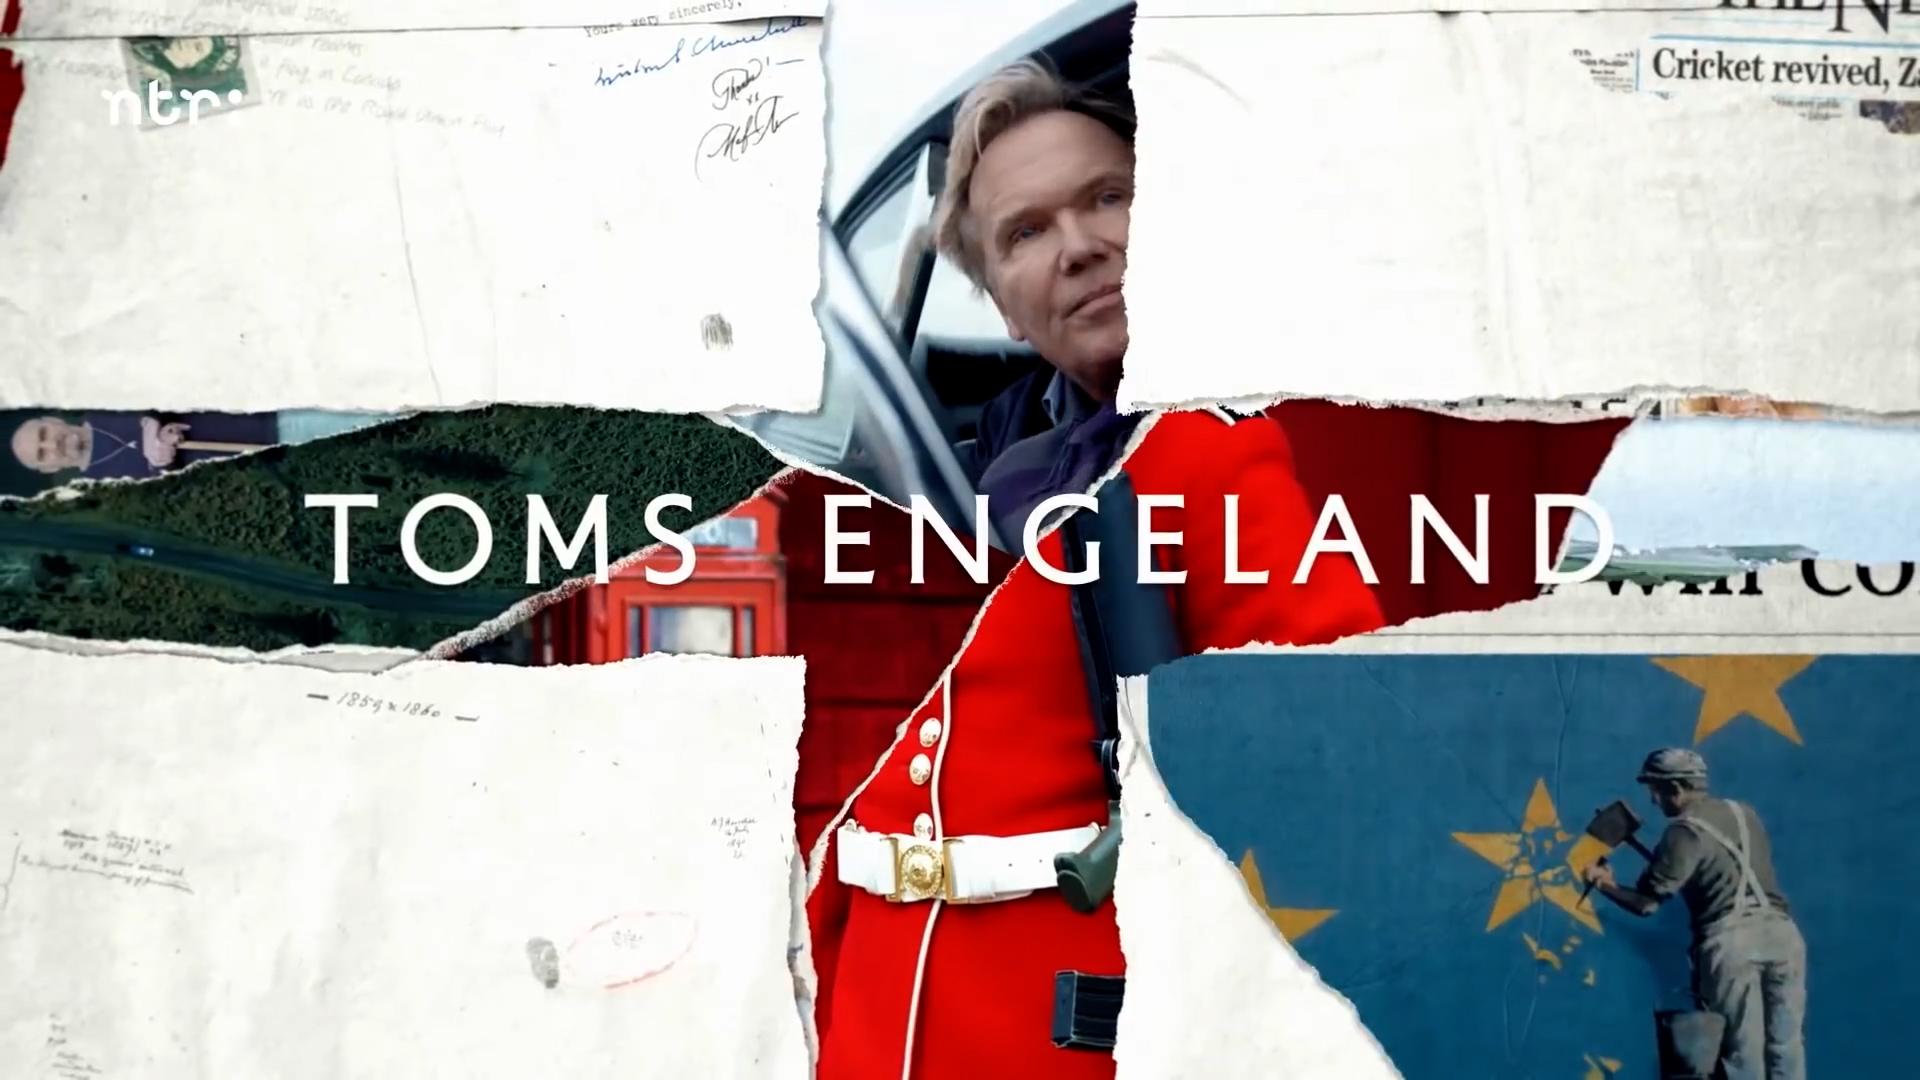 Toms Engeland